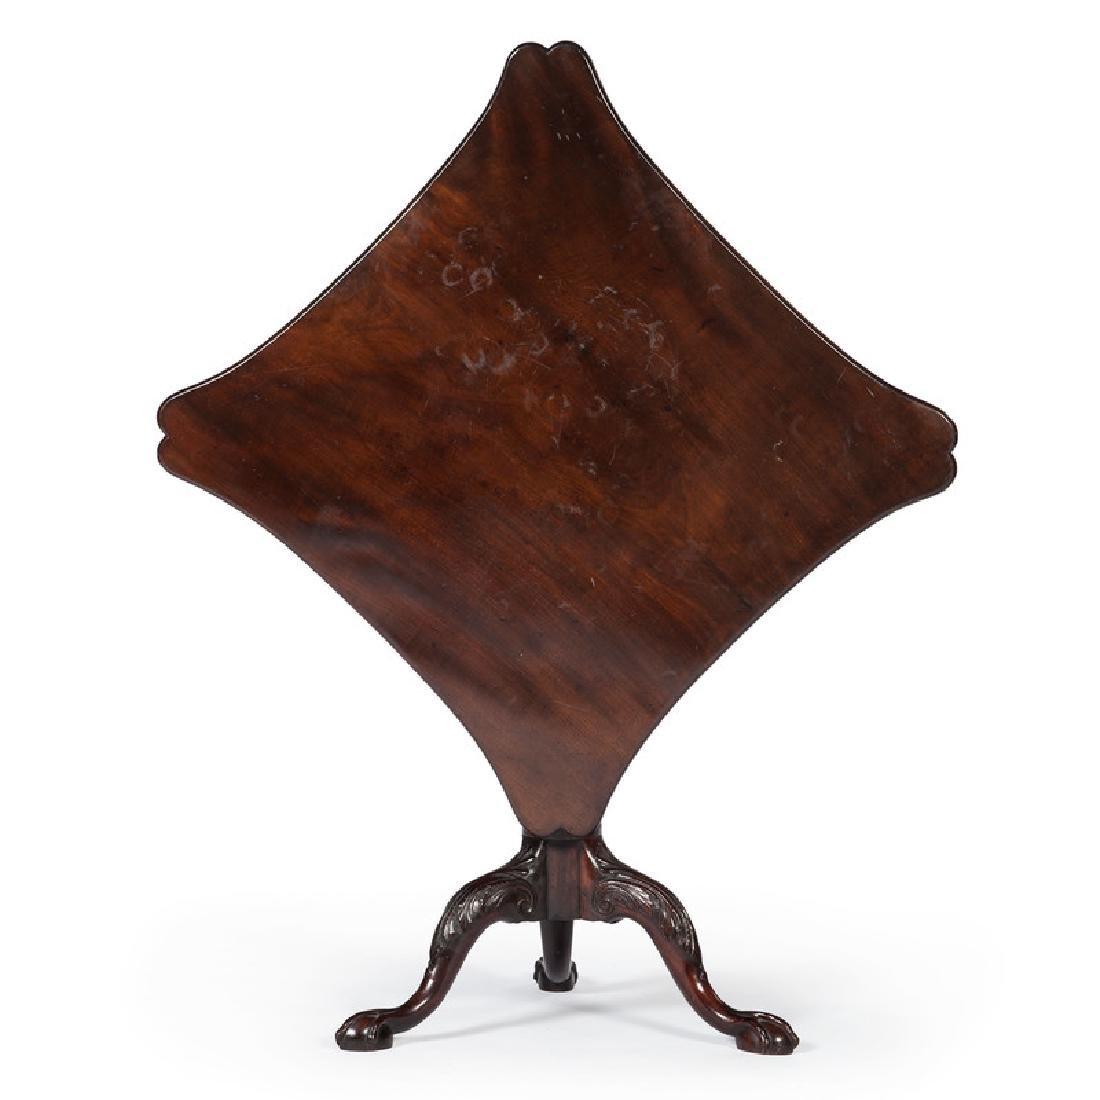 George III Tilt Top Tea Table